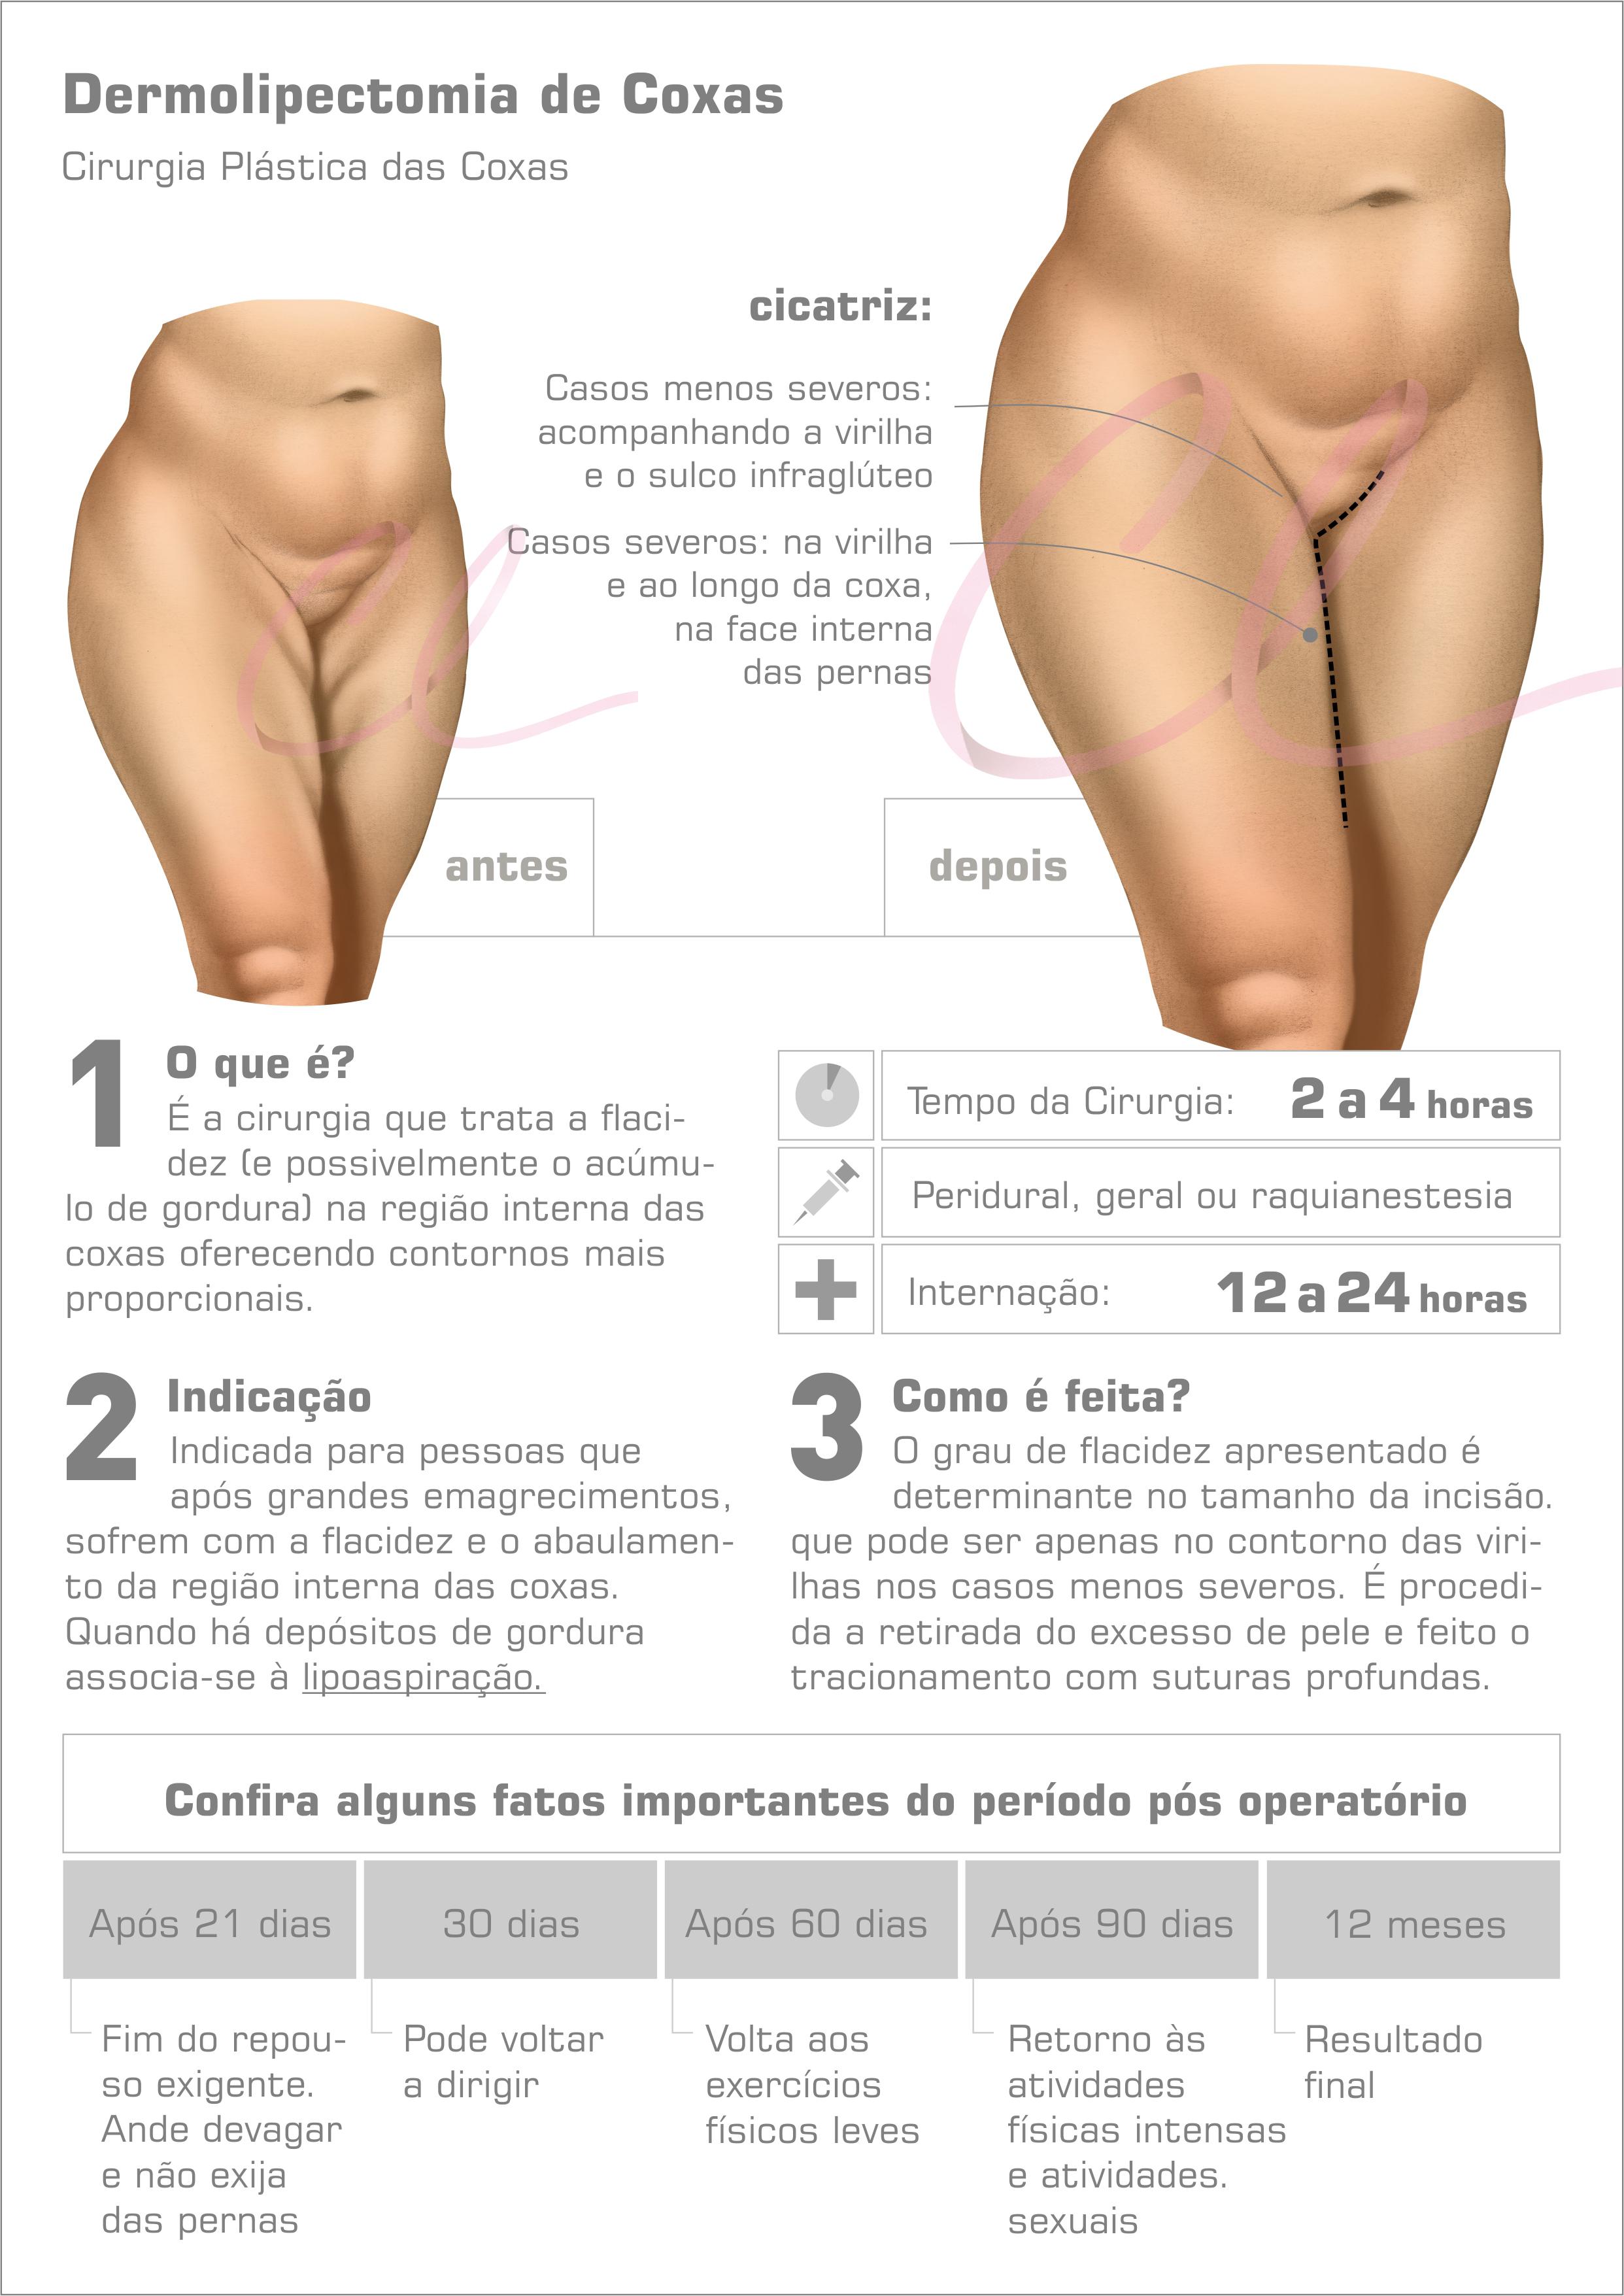 Cirurgia Plástica nas Coxas - Lifting de Coxas